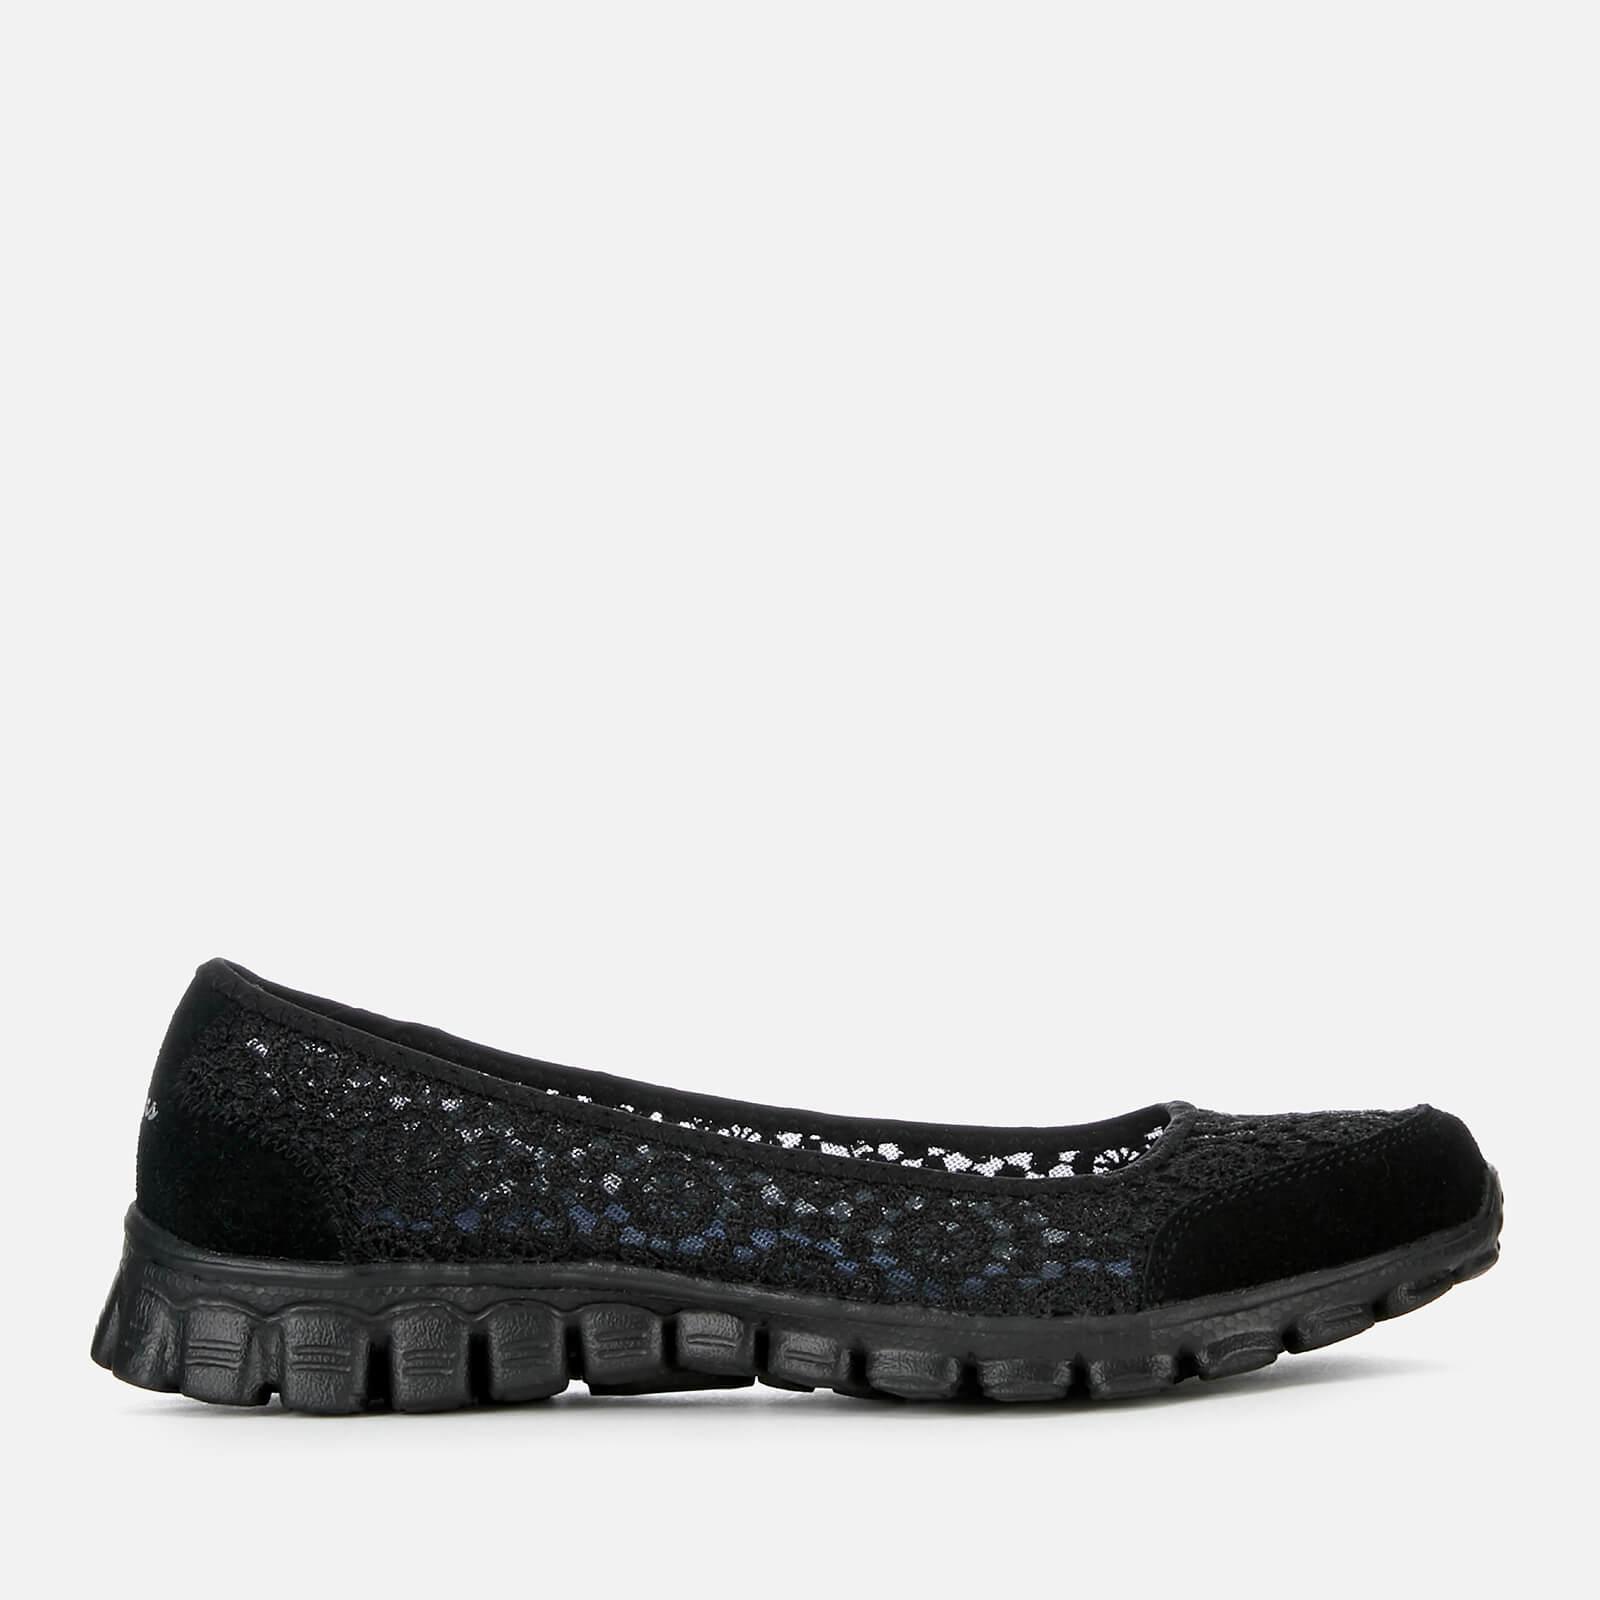 684cb9681e60 Skechers Women s EZ Flex 2 Flighty Shoes - Black Womens Footwear